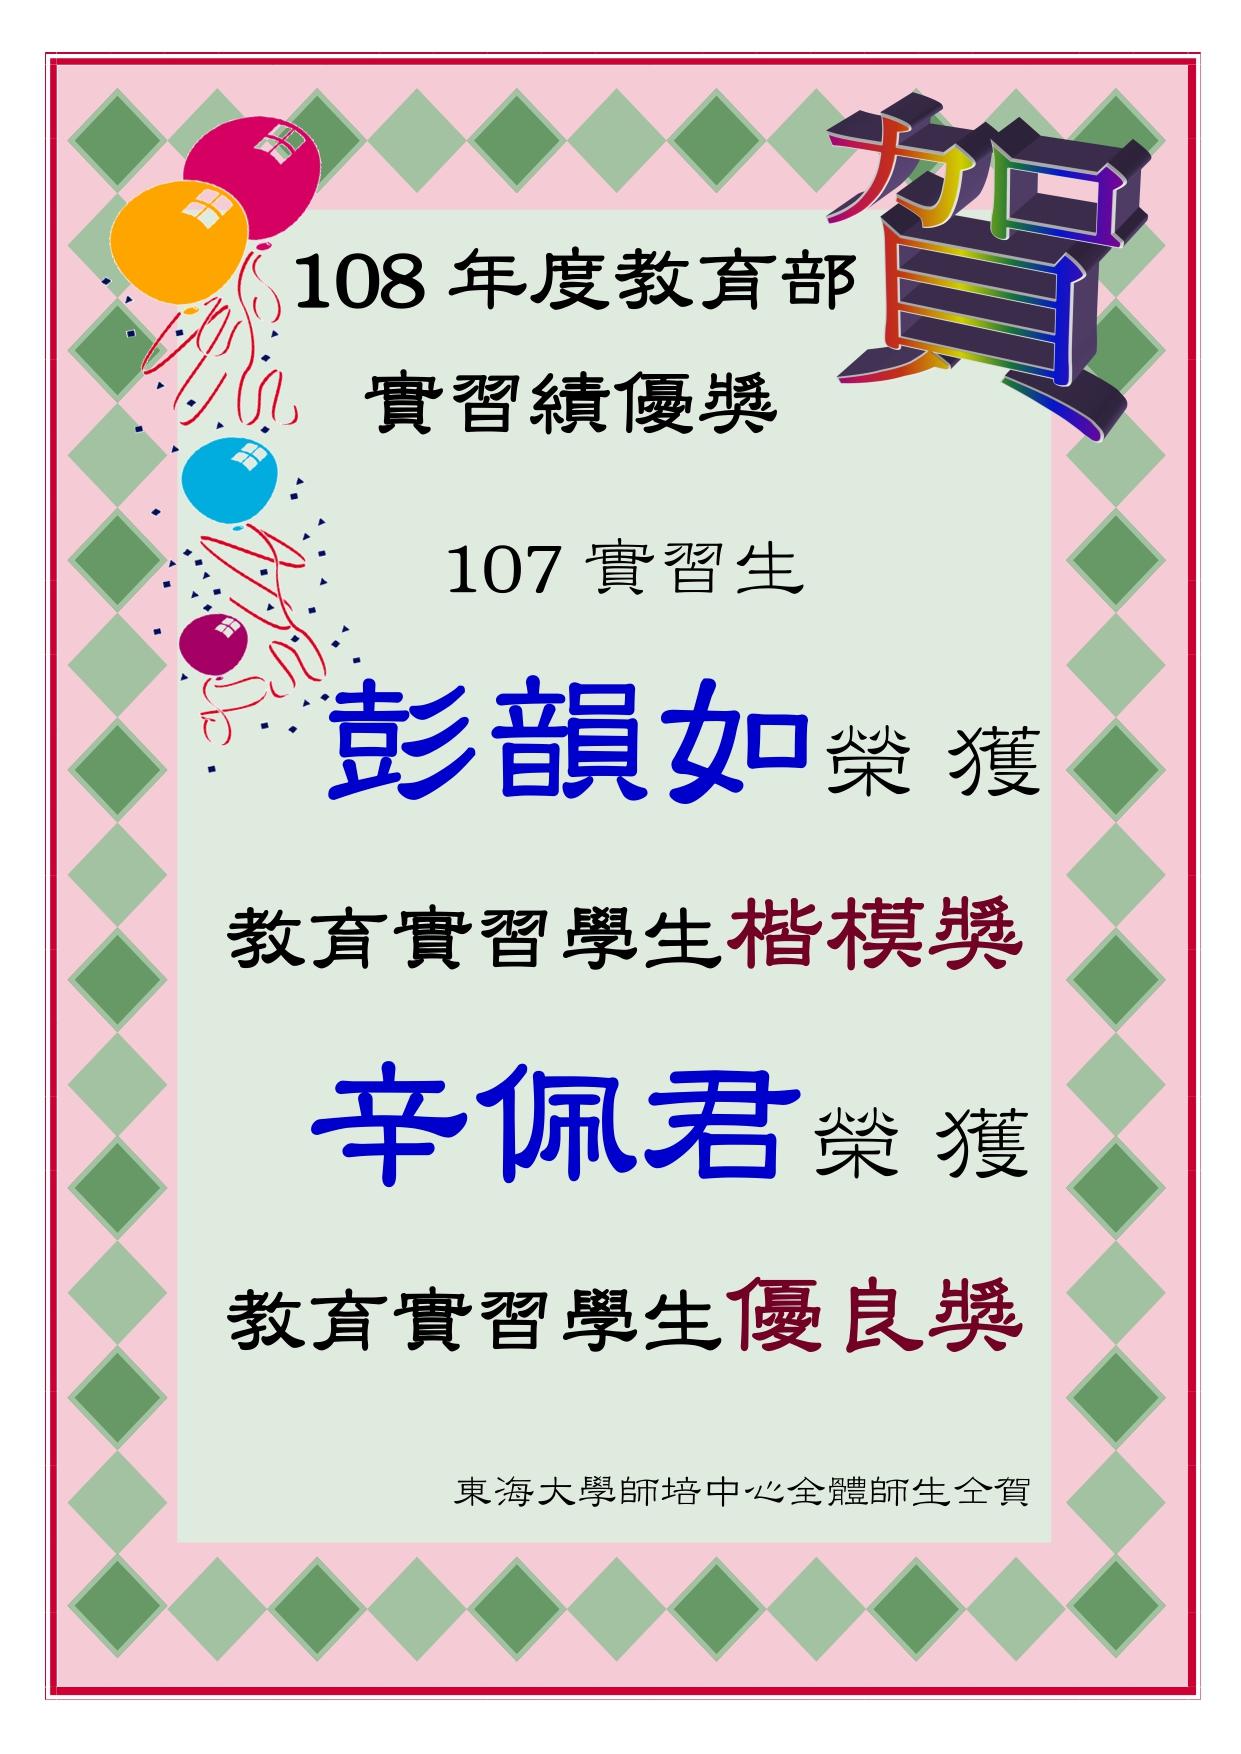 ★賀★彭韻如、辛佩君榮獲教育部108年度教育實習績優獎